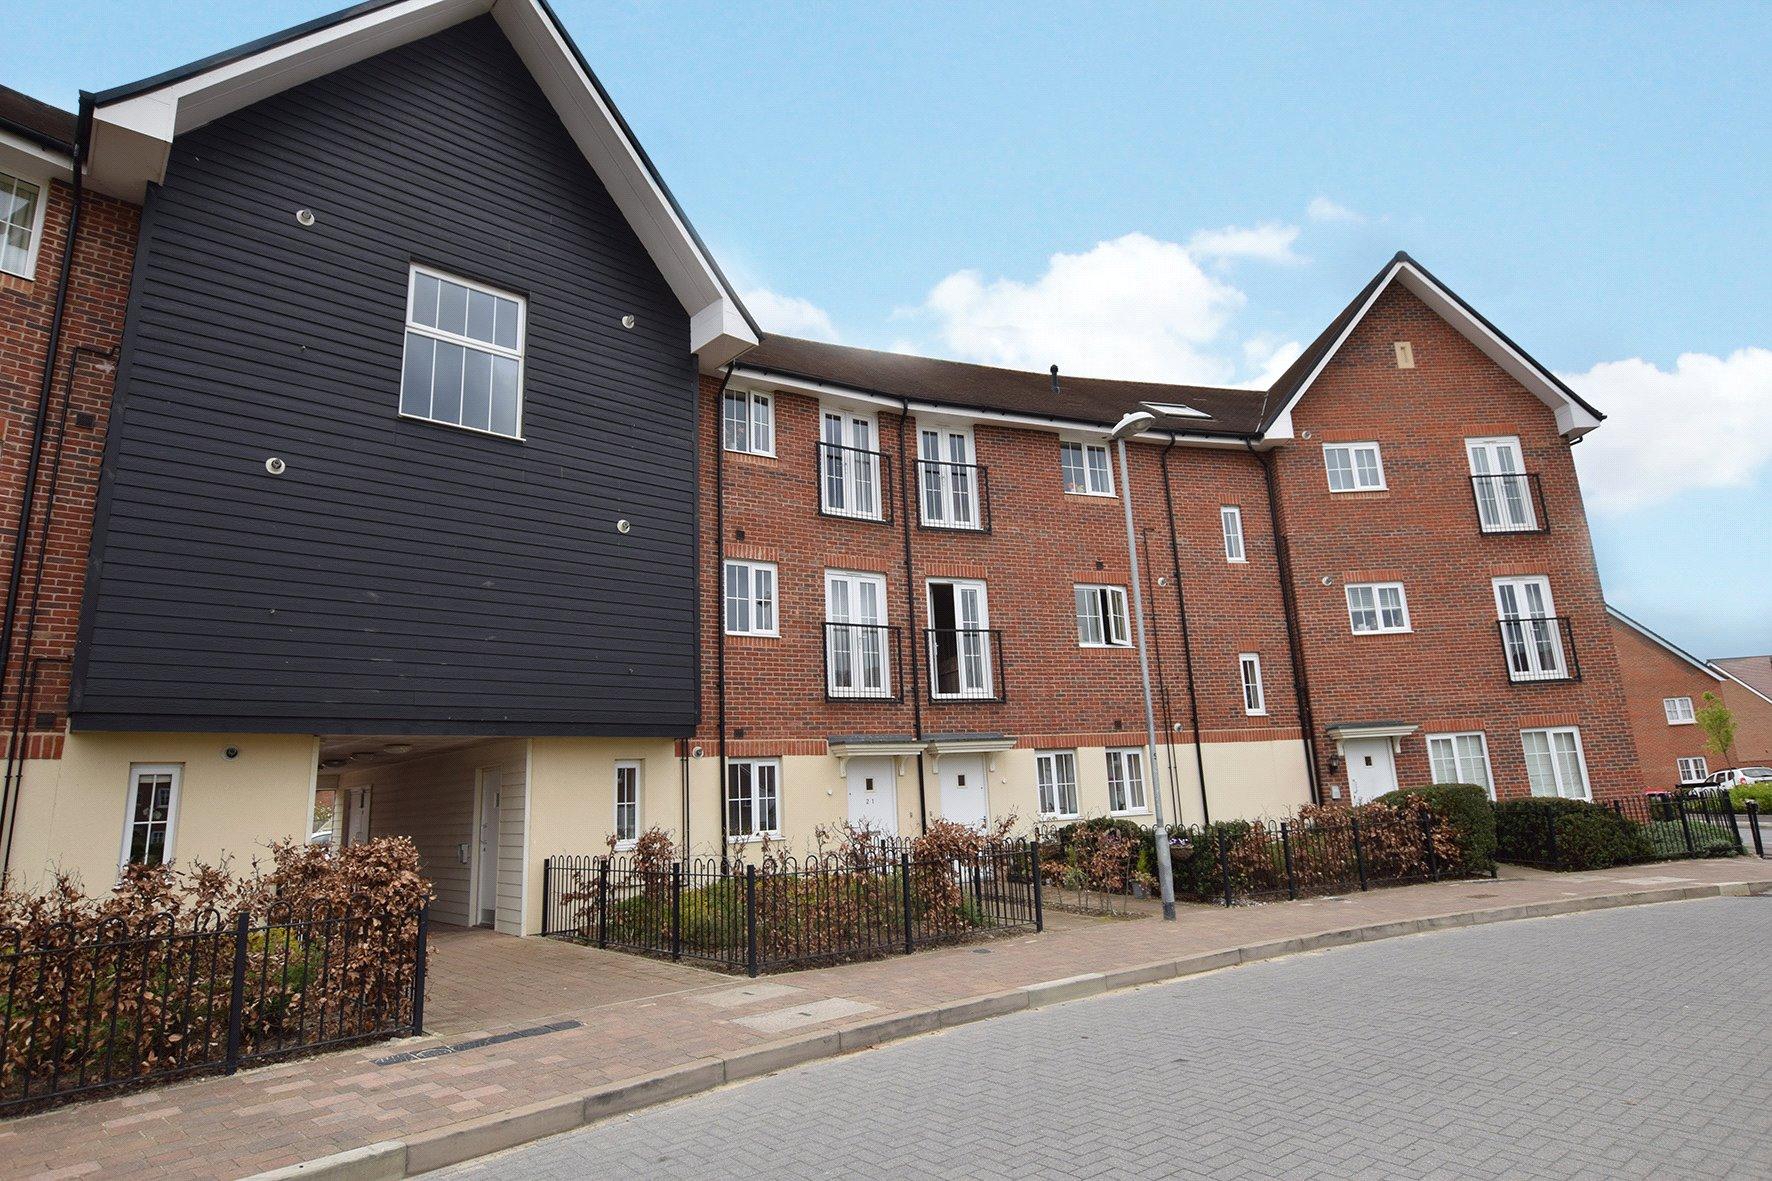 1 Bedroom Apartment Flat for sale in Fulmar Crescent, Jennett's Park, Bracknell, Berkshire, RG12